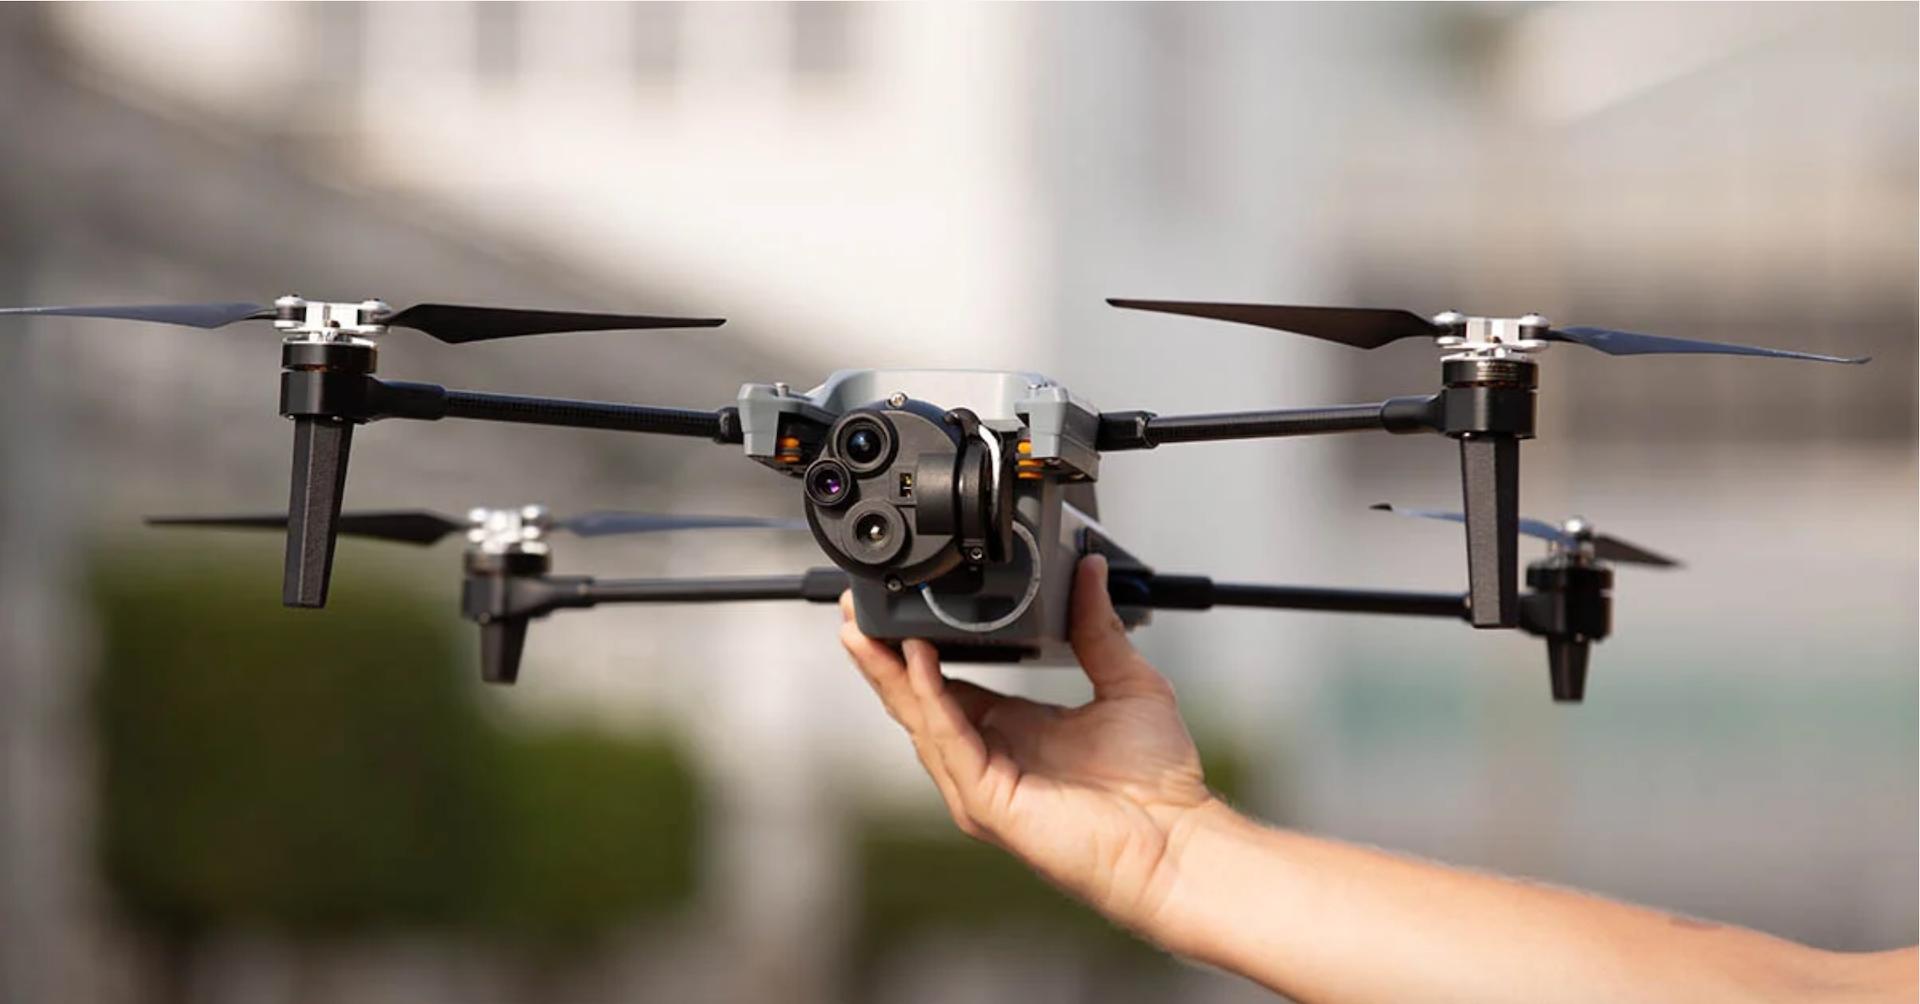 熱成像技術巨頭 FLIR 收購 Altavian 鞏固無人機解決方案實力